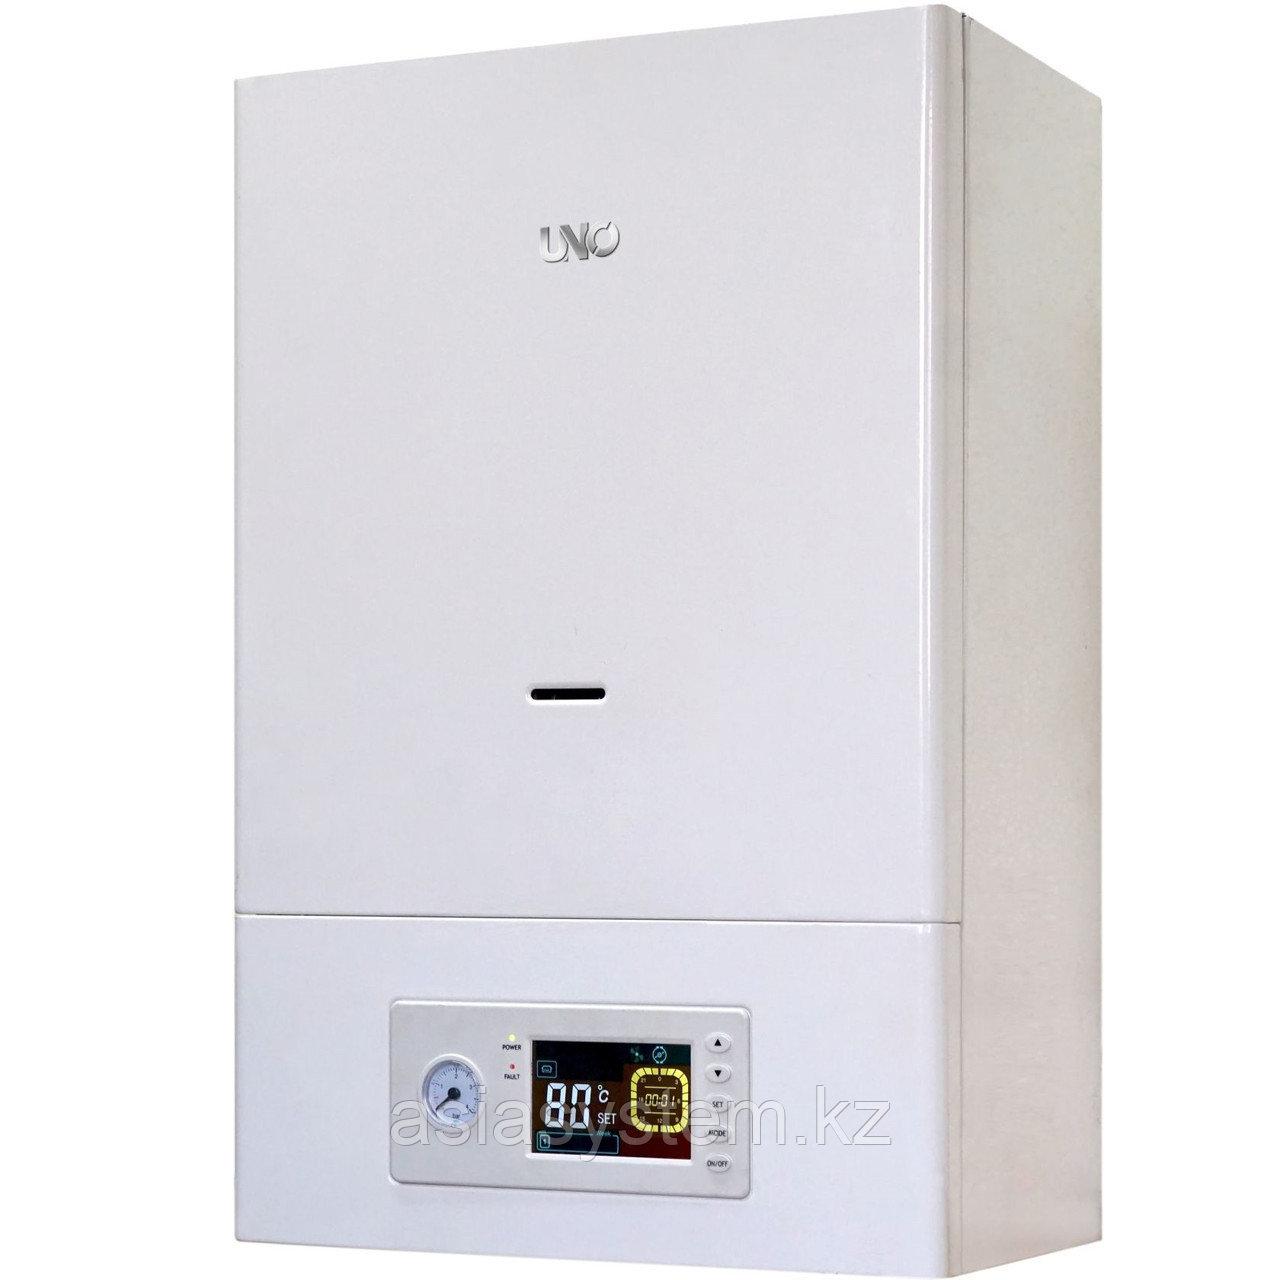 Котел газовый настенный UNO PIRO 24 кВт  до 240м²